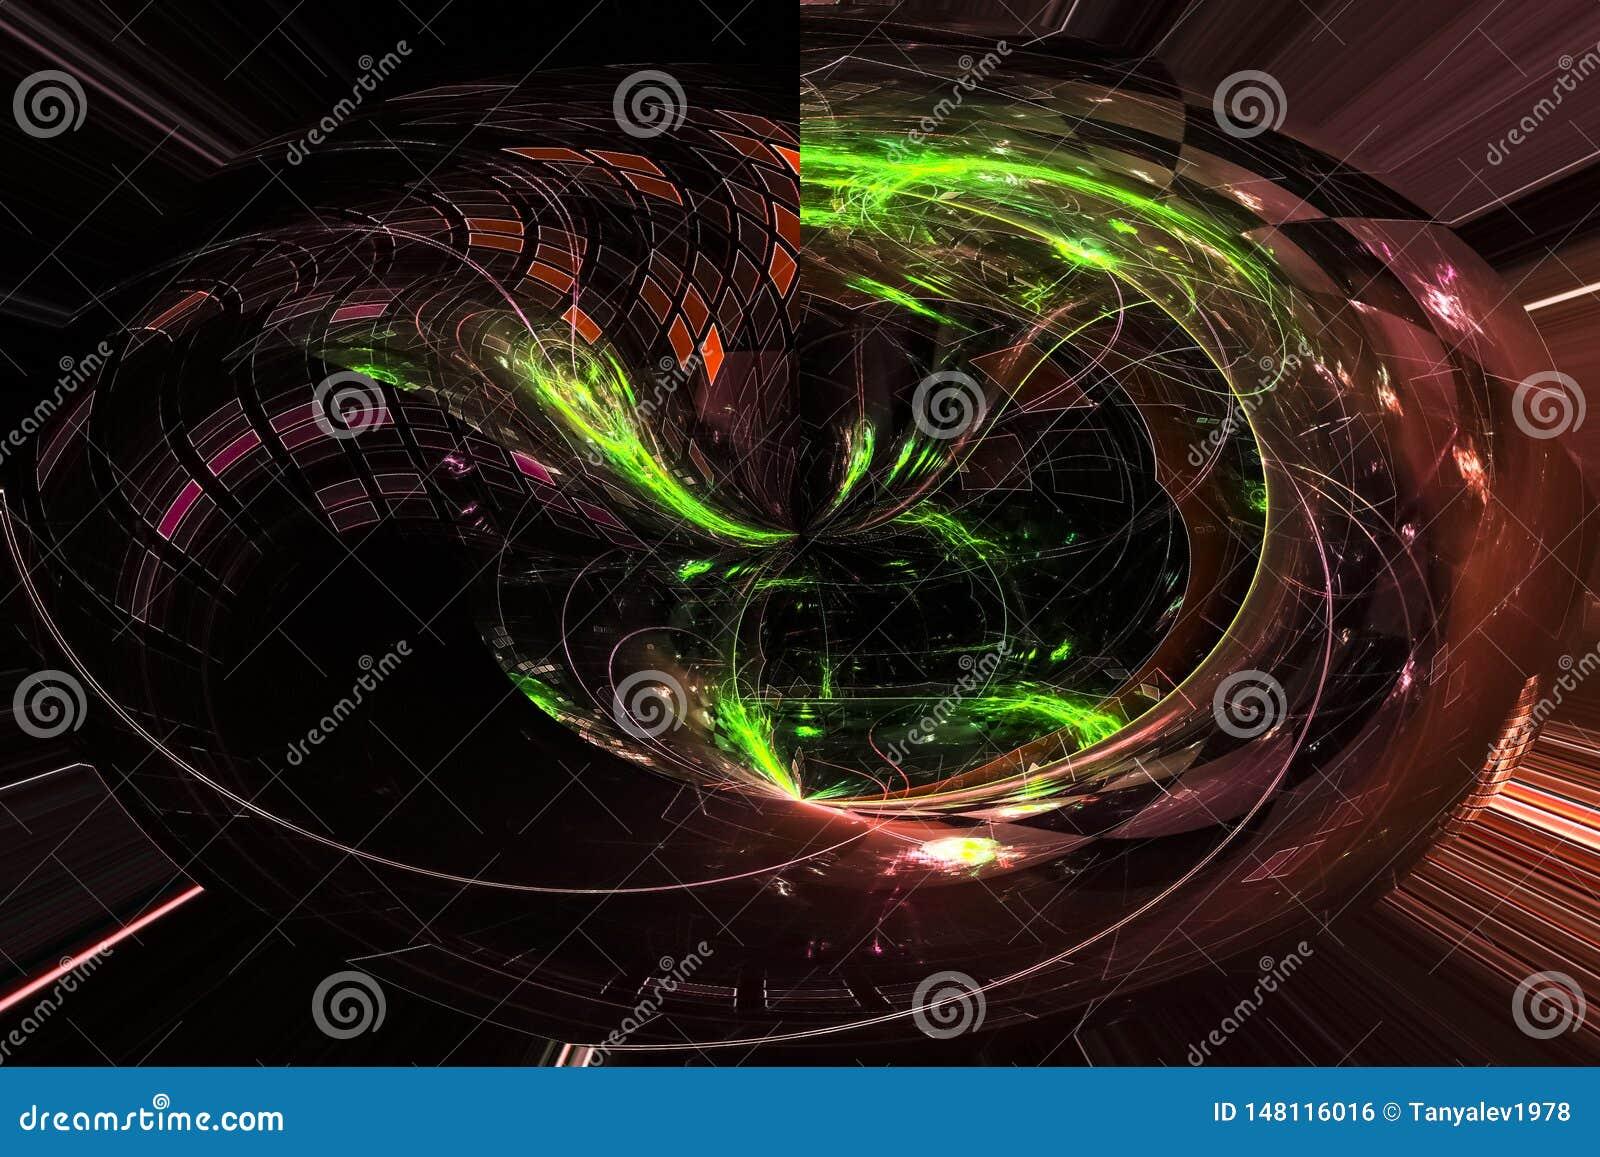 抽象数字,科学引发能量分数维焕发模板躺在了幻想现代设计魔术动力学